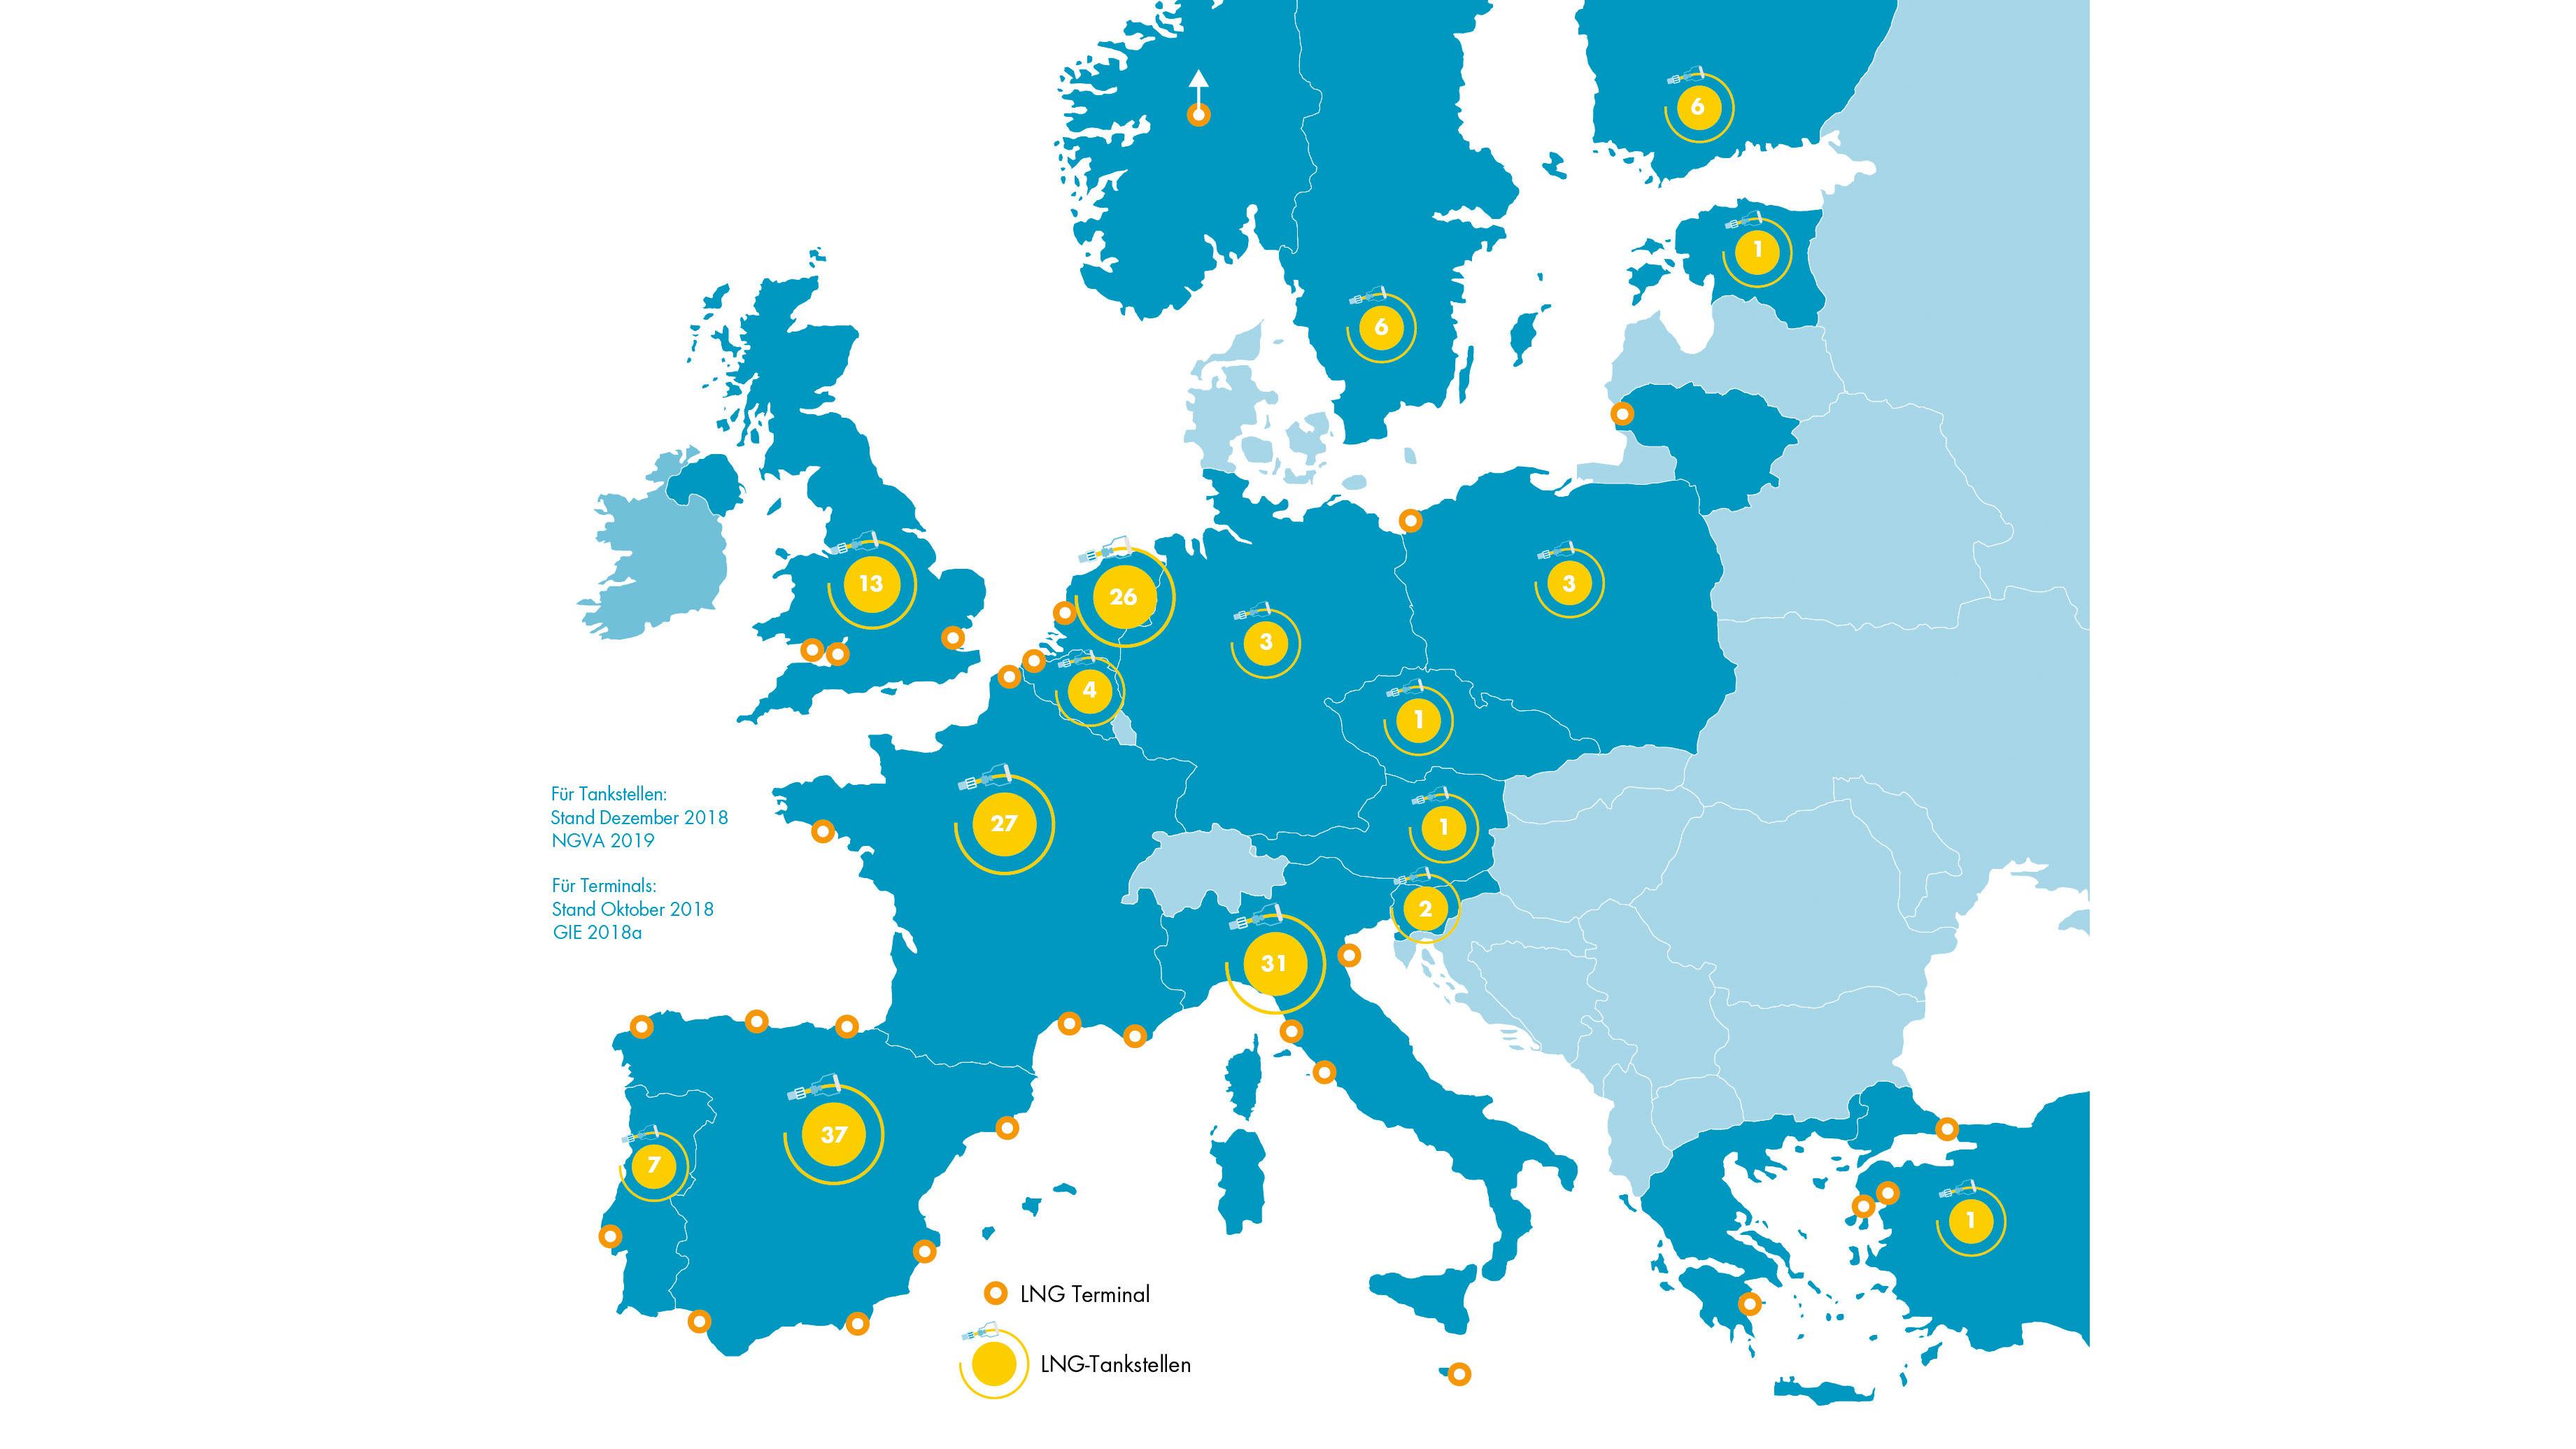 Shell Tankstellen Karte.Welches Potenzial Hat Lng Als Zukünftiger Antrieb